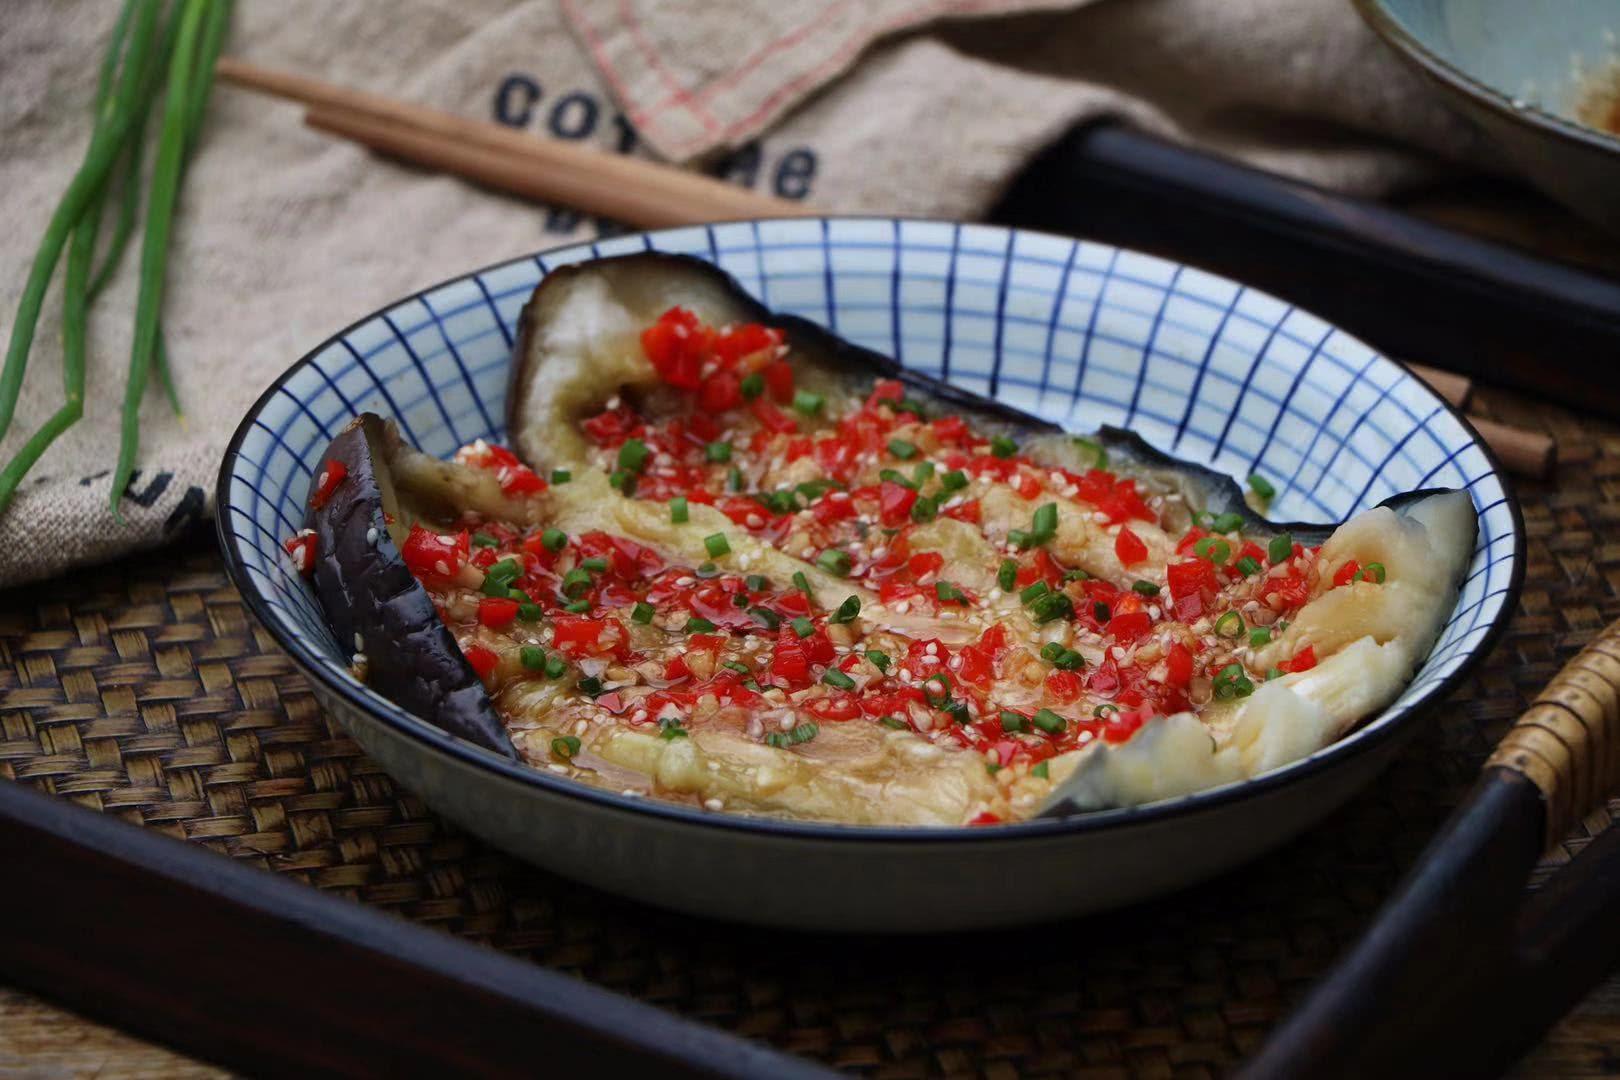 茄子别再红烧了,学会新吃法,一顿5斤不够吃,比油炸的更好吃!